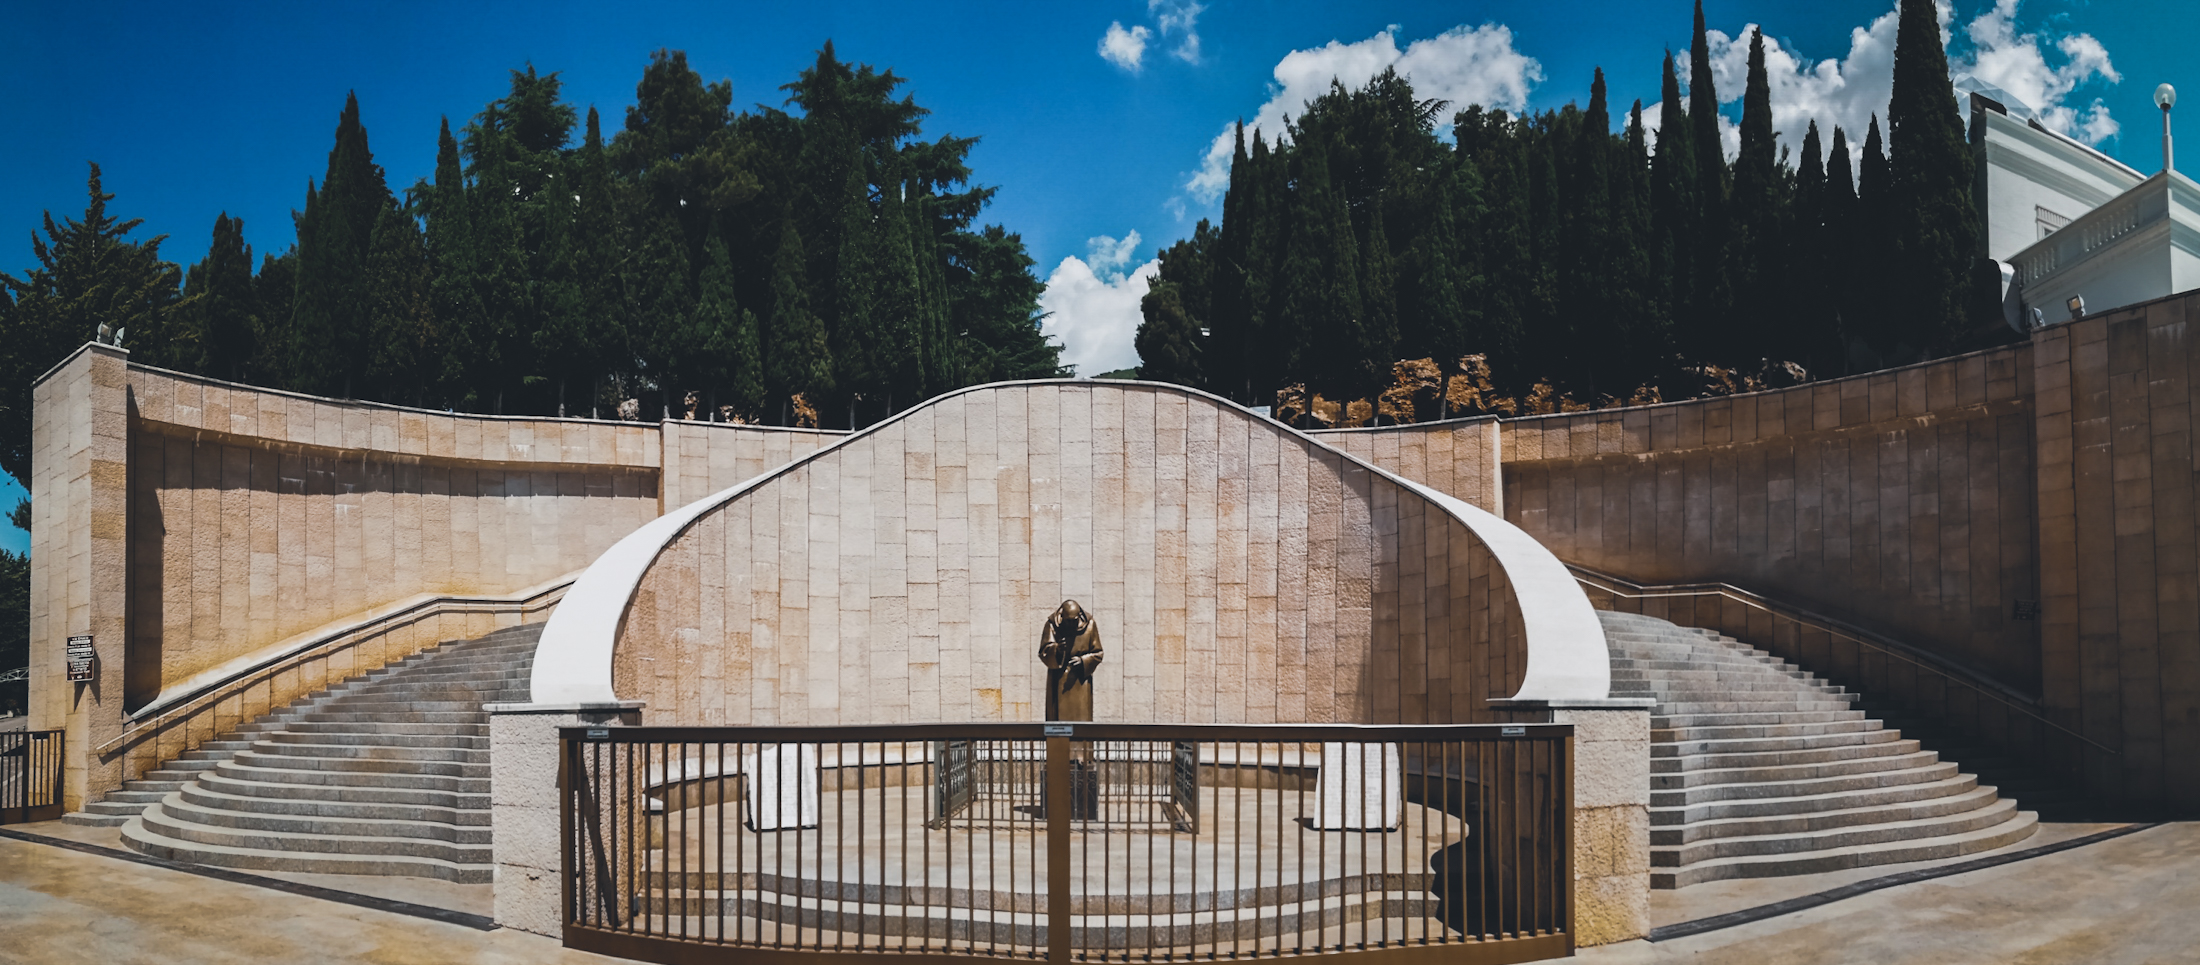 Cascia – San Giovanni Rotondo – Foggia – Monte Sant' Angelo – Bitetto – Bari